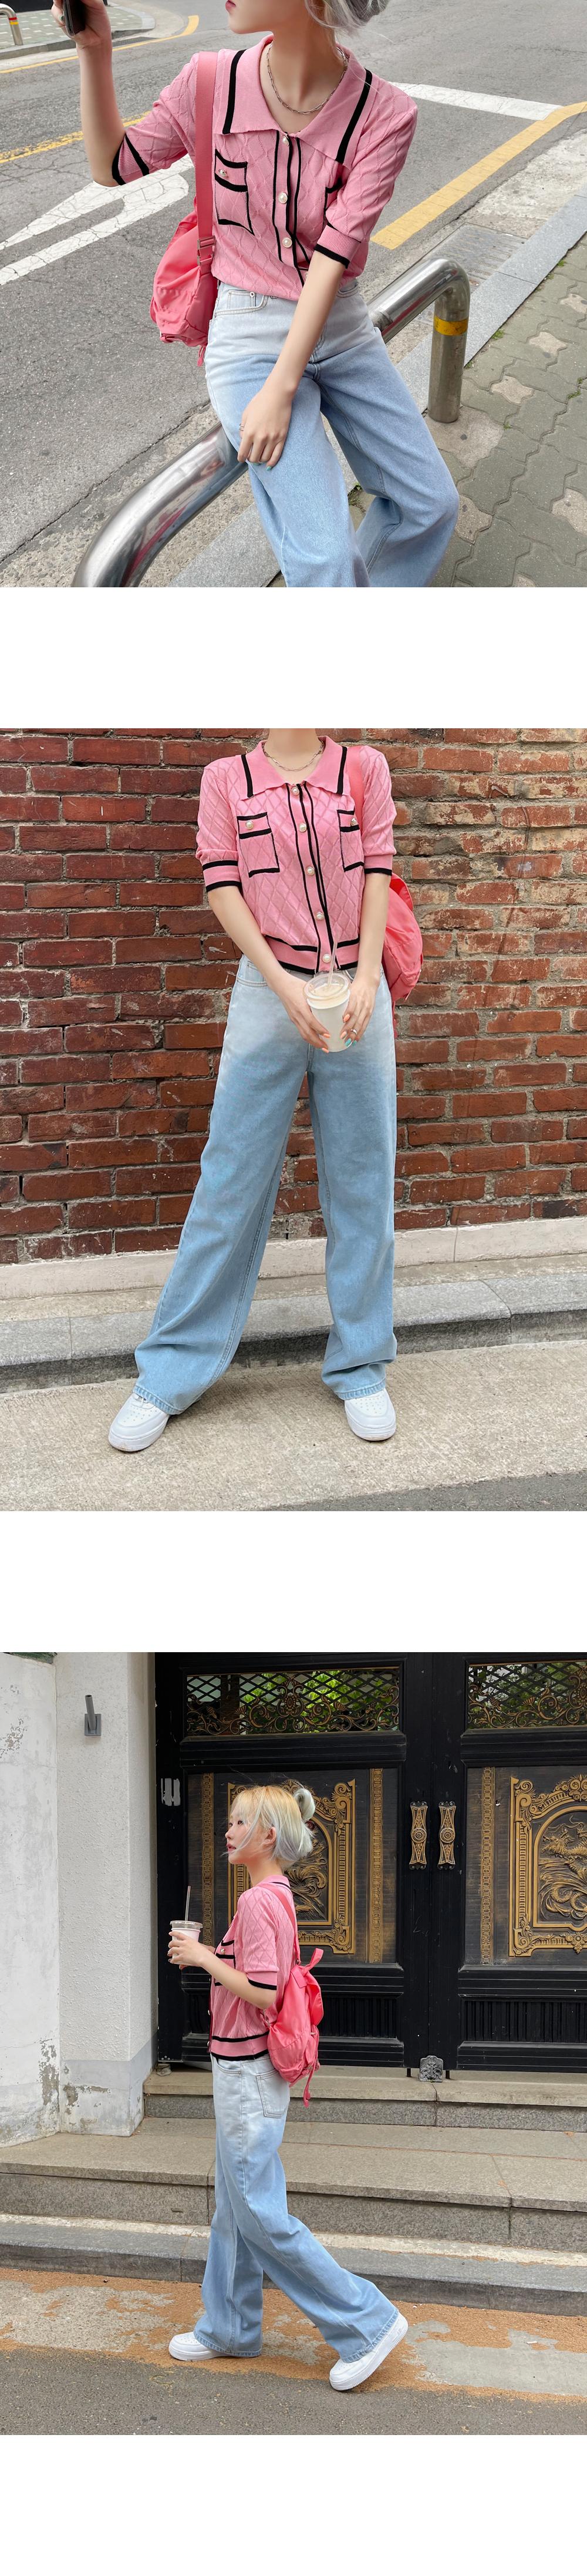 Harry tweed short sleeve cardigan